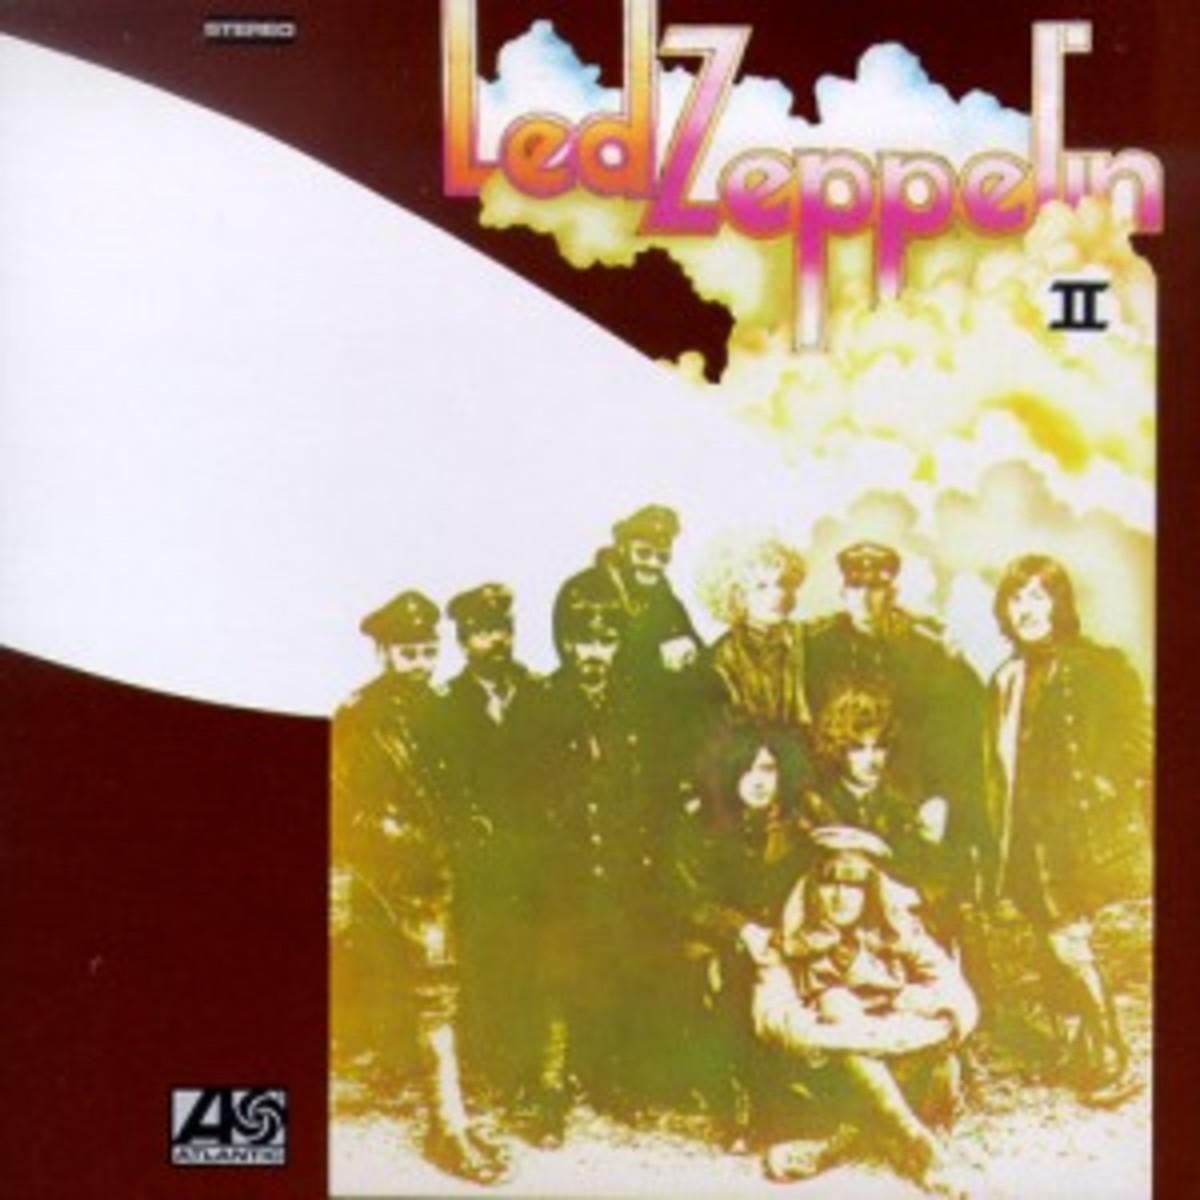 led-zeppelin-ii-1400175028